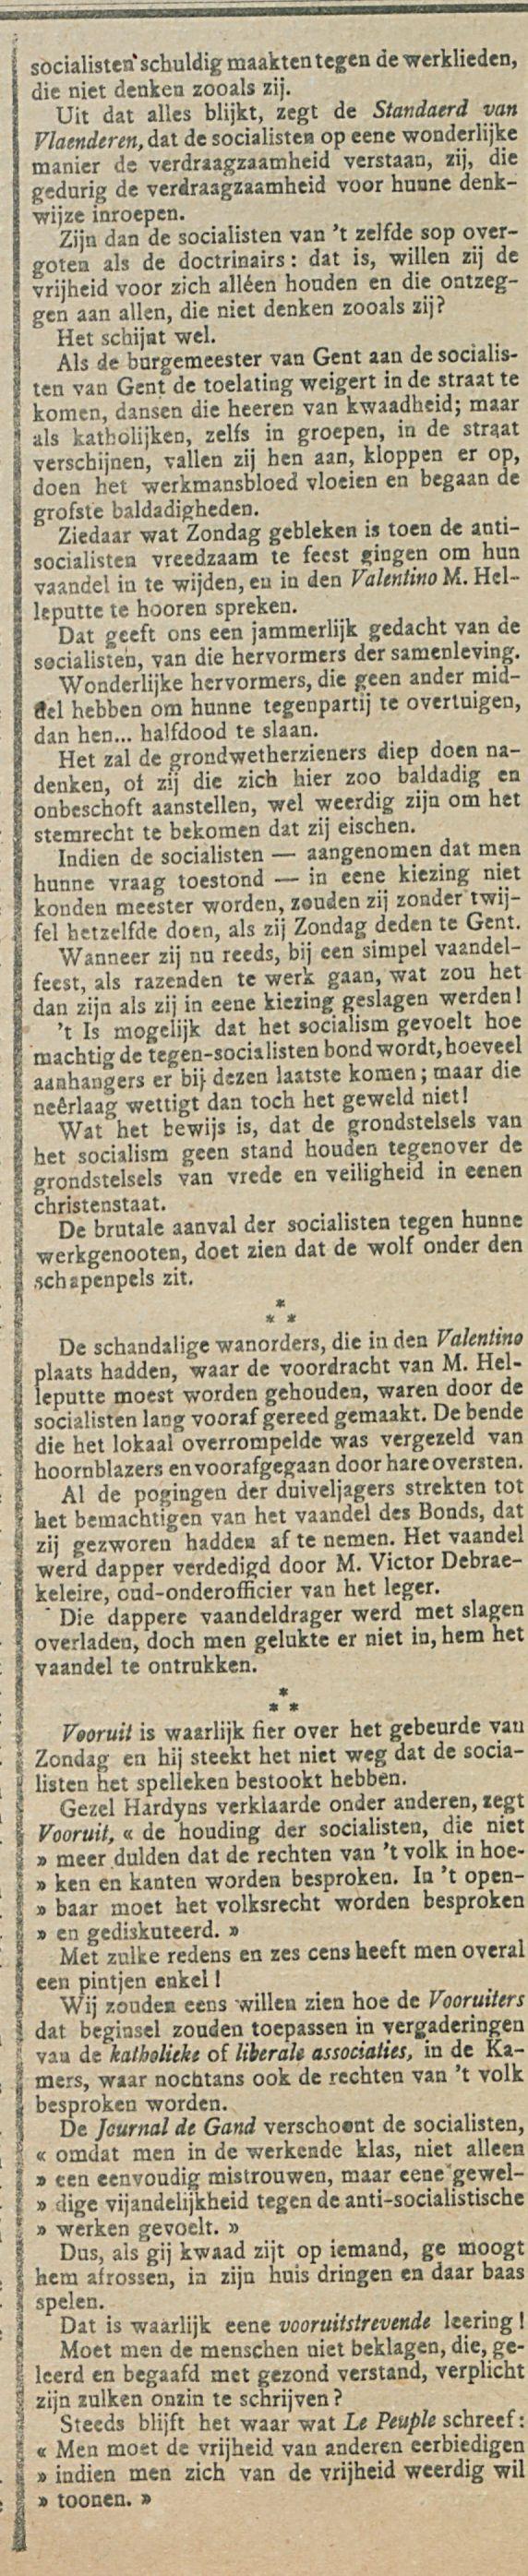 Schandalen te Gent-1